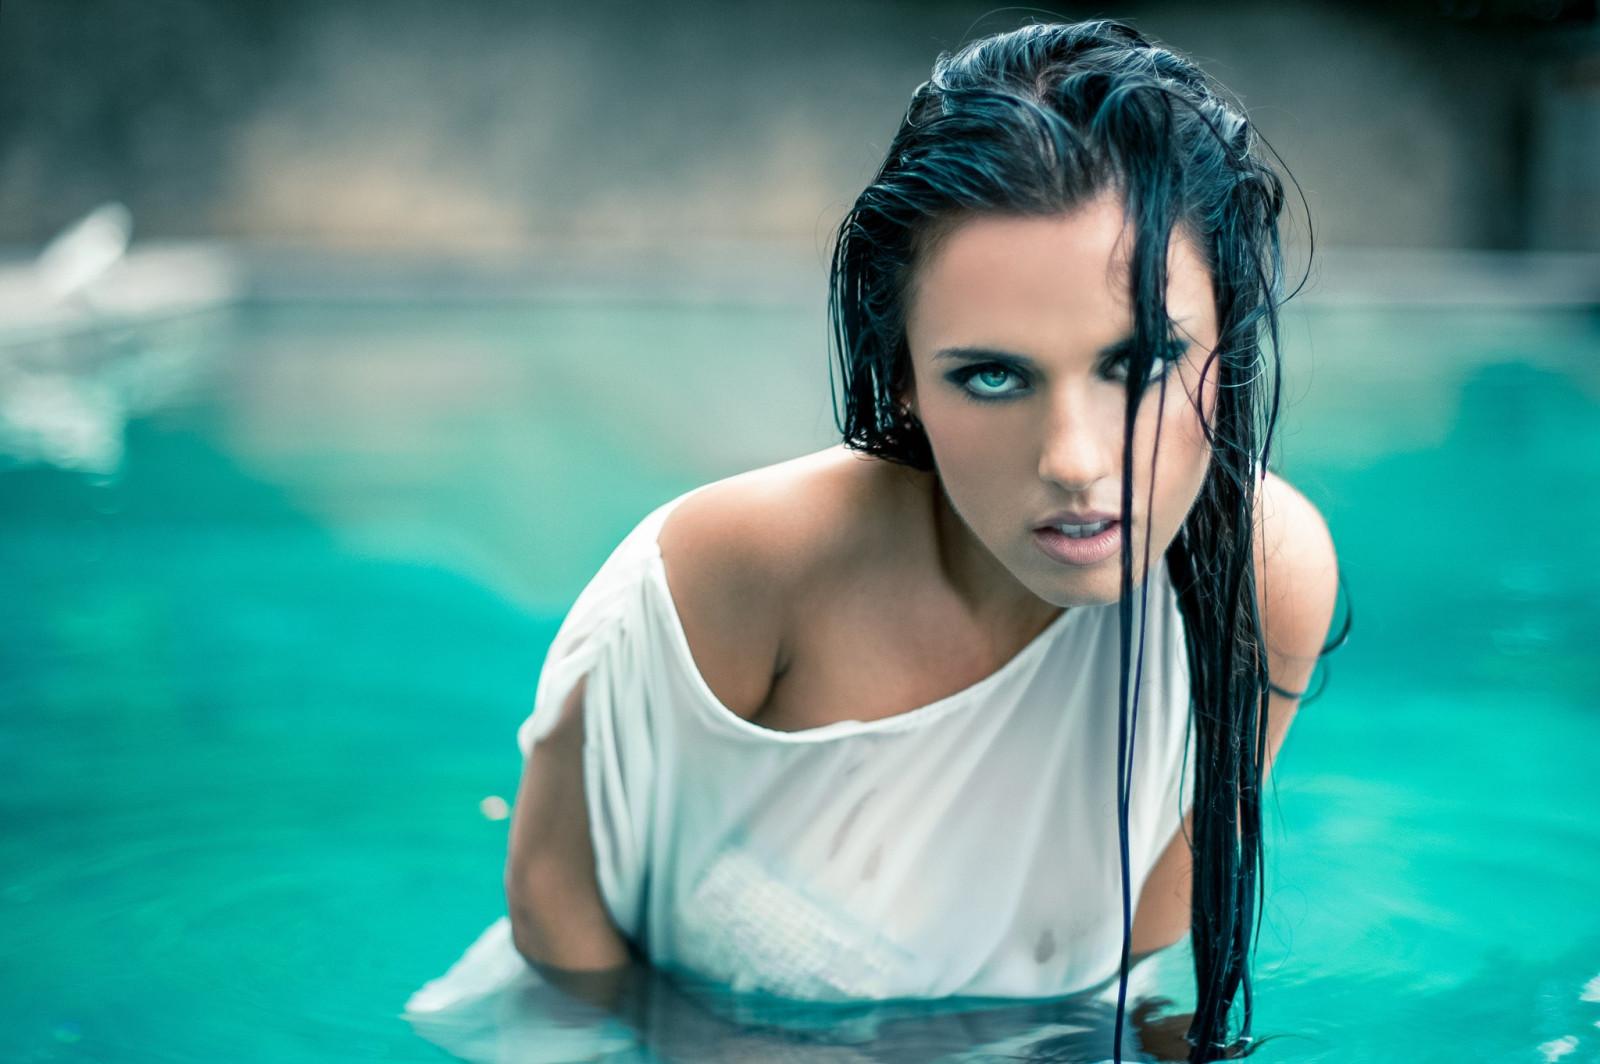 выжить обворожительные женщины фото мокрые приобретает характерный